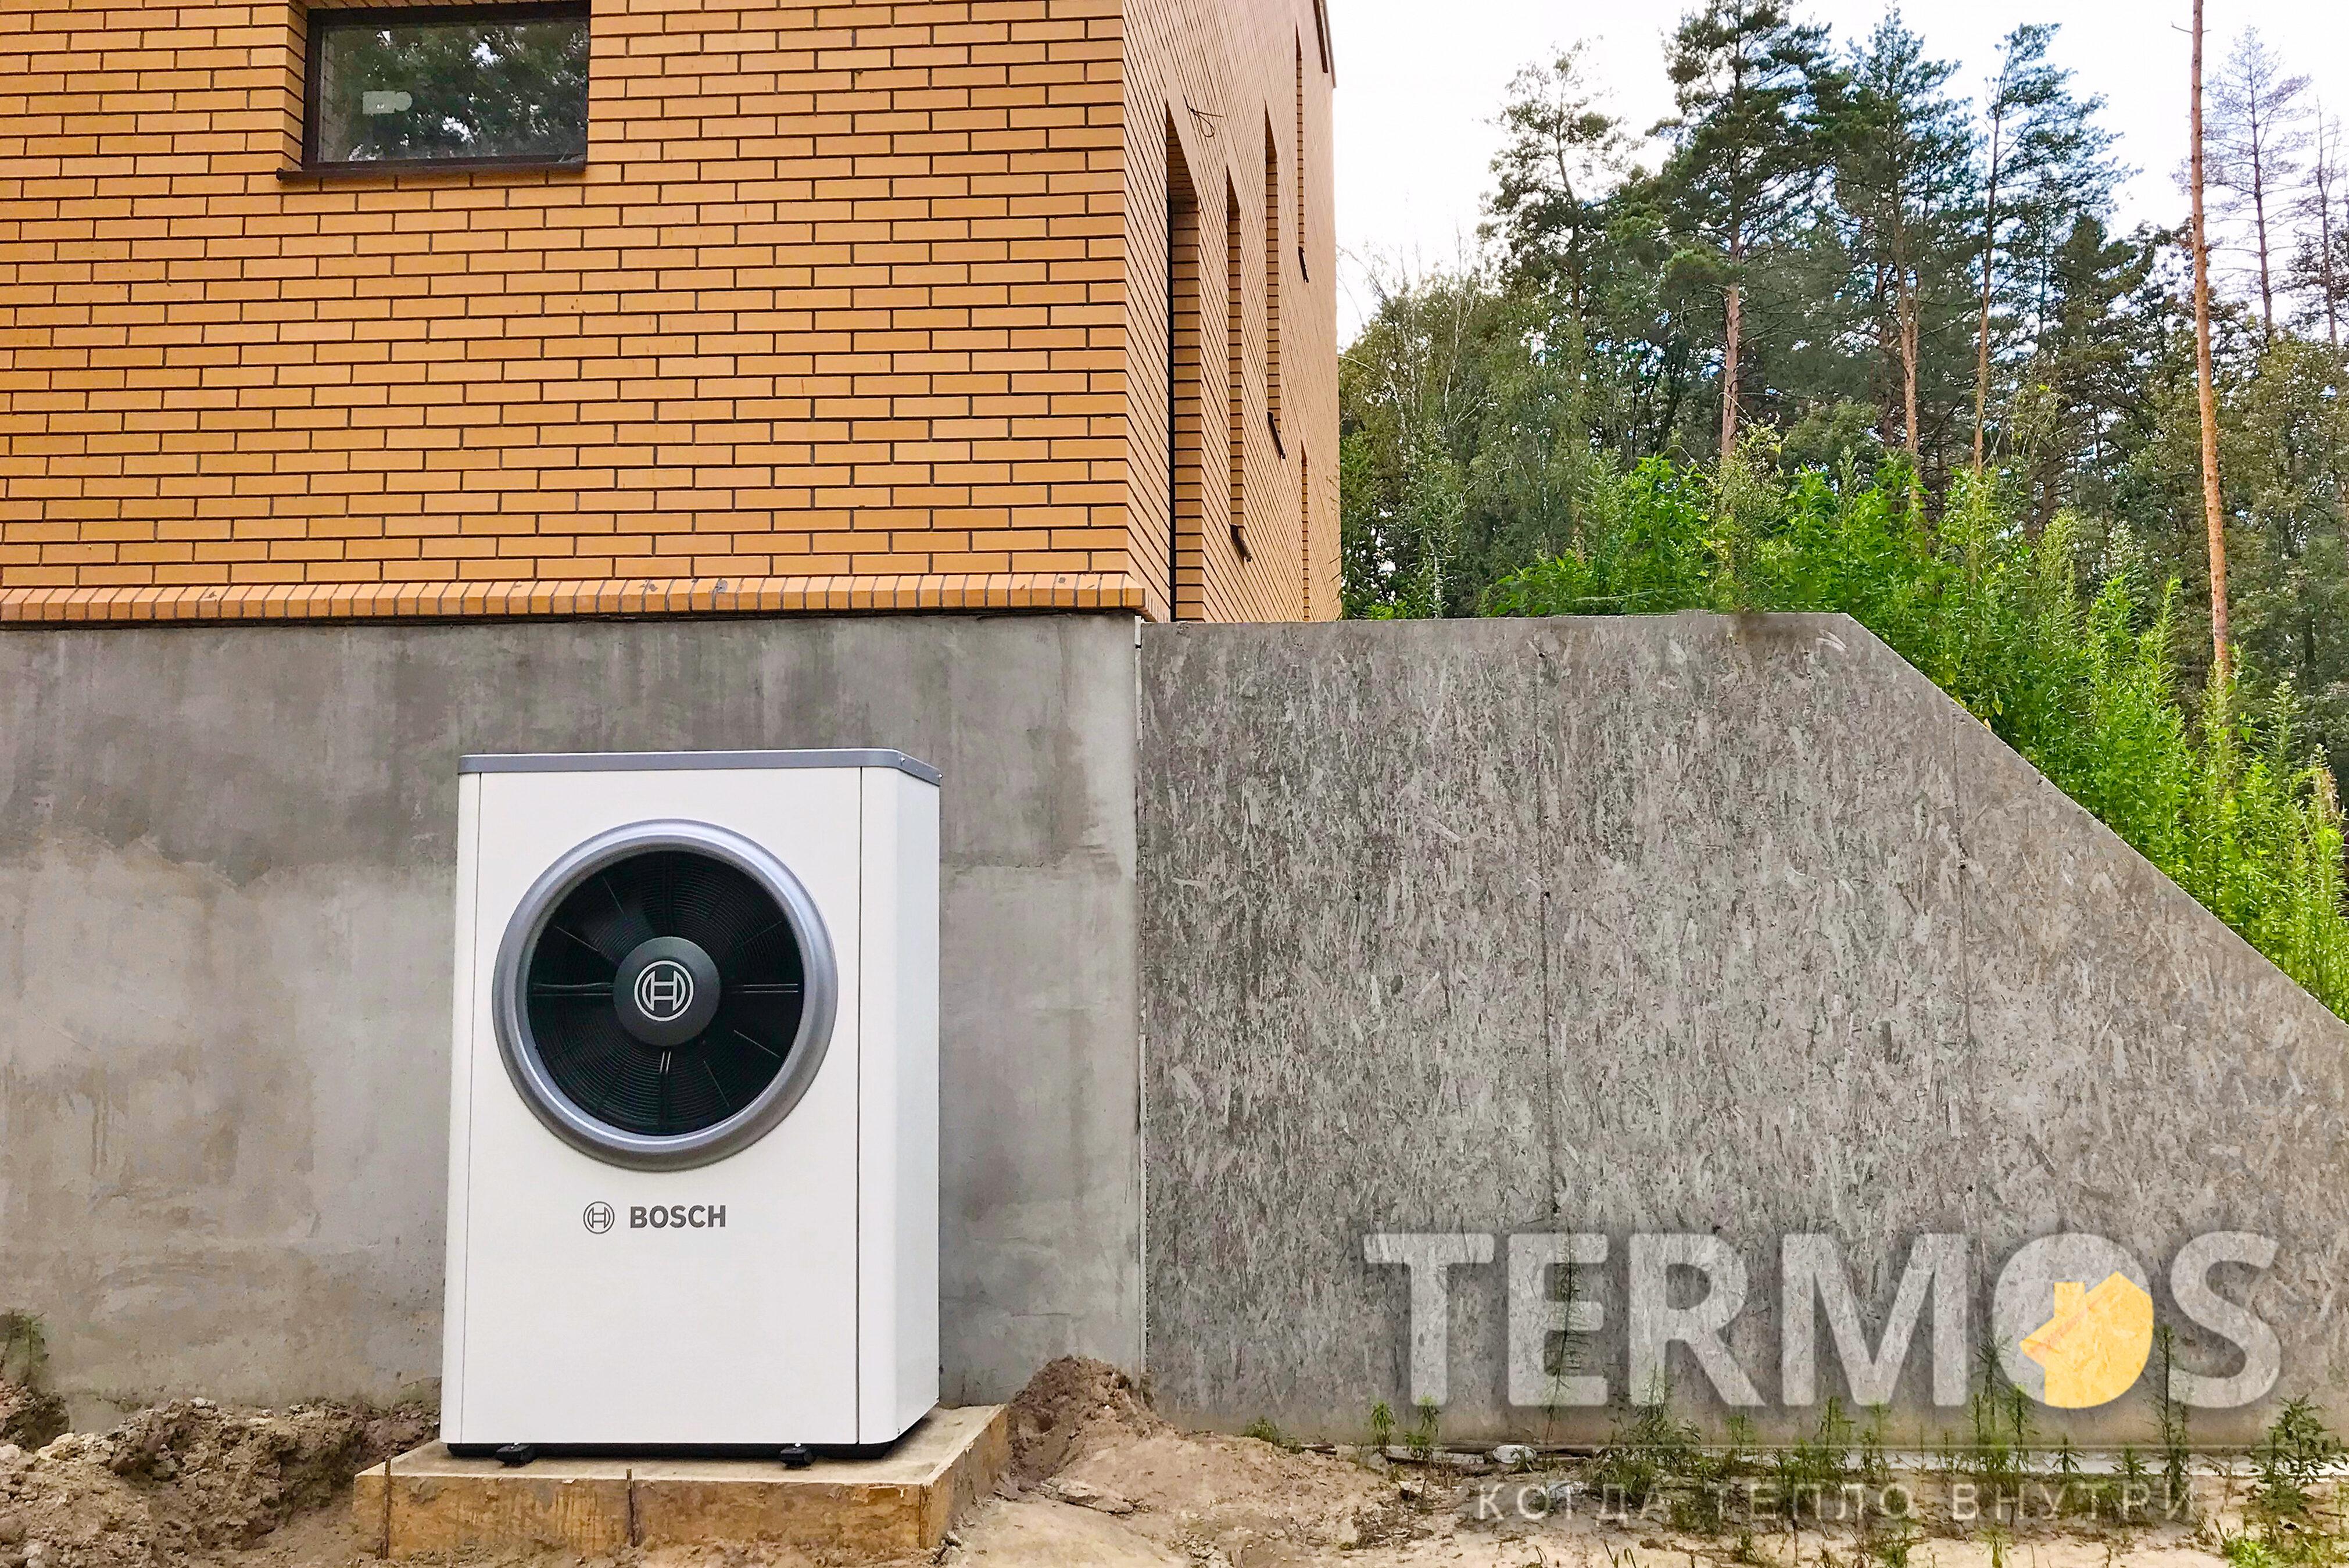 Дом 300 кв м. Реверсивный тепловой насос BOSCH Compress 7000i 17Квт (Германия) с электрокотлом Bosch Tronic Heat 3500 15кВт в качестве дполнительного нагрева